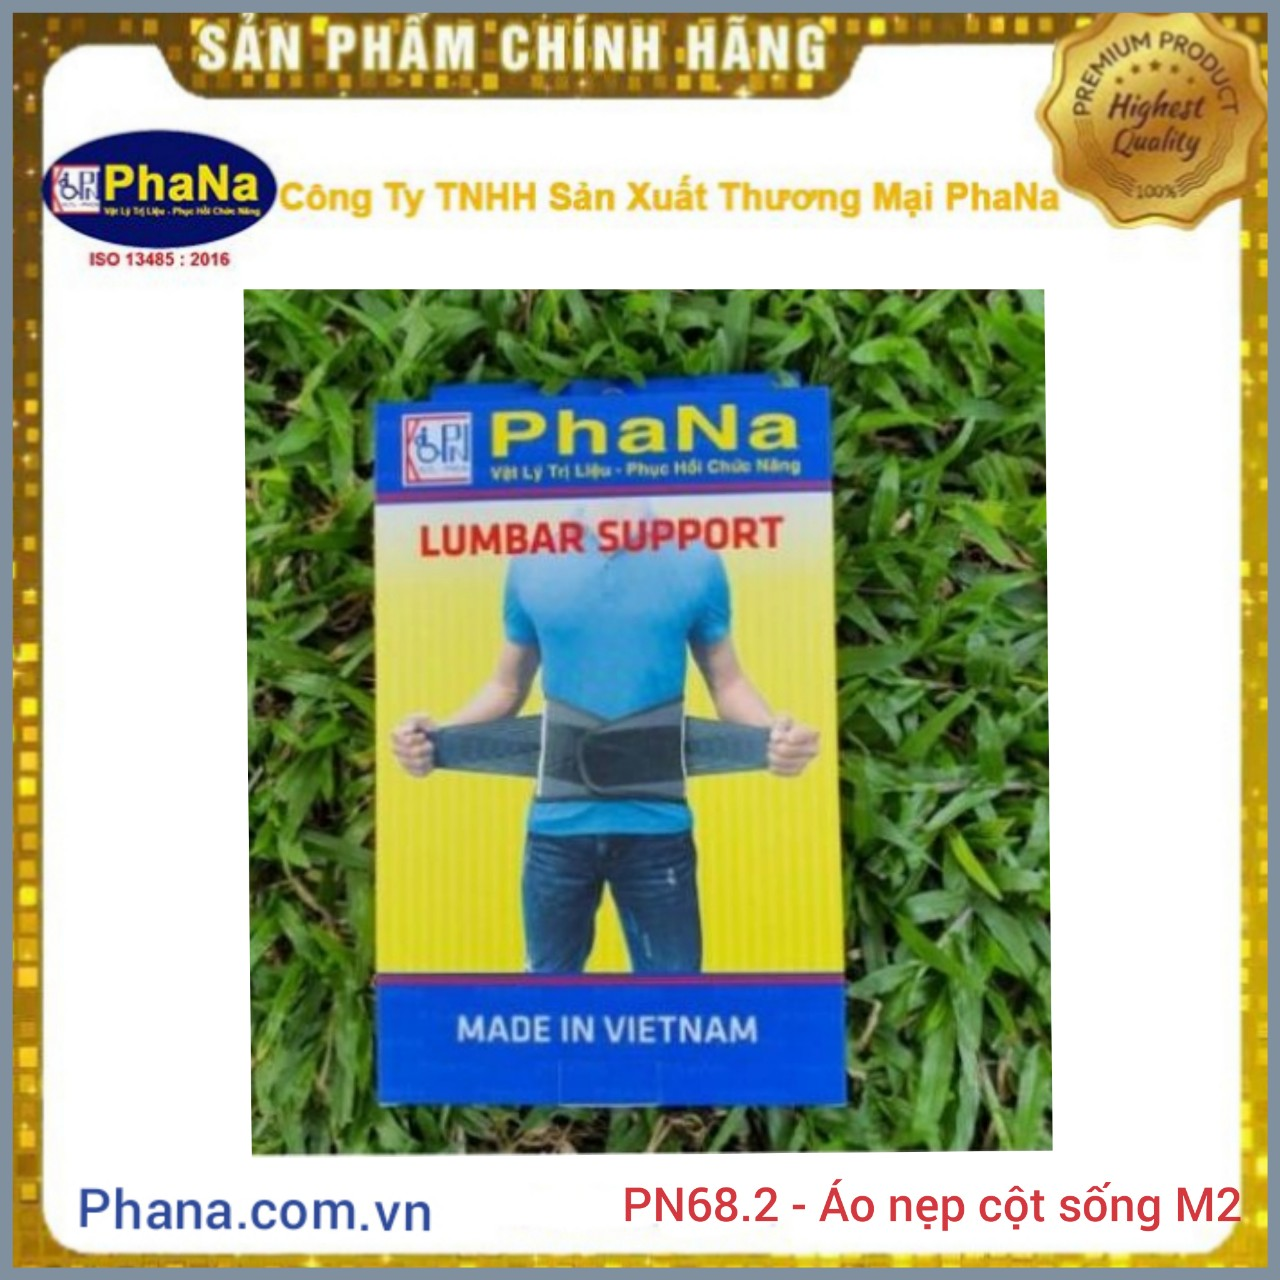 PN68.2 - ÁO NẸP CỘT SỐNG THẮT LƯNG M2 (PhaNa)